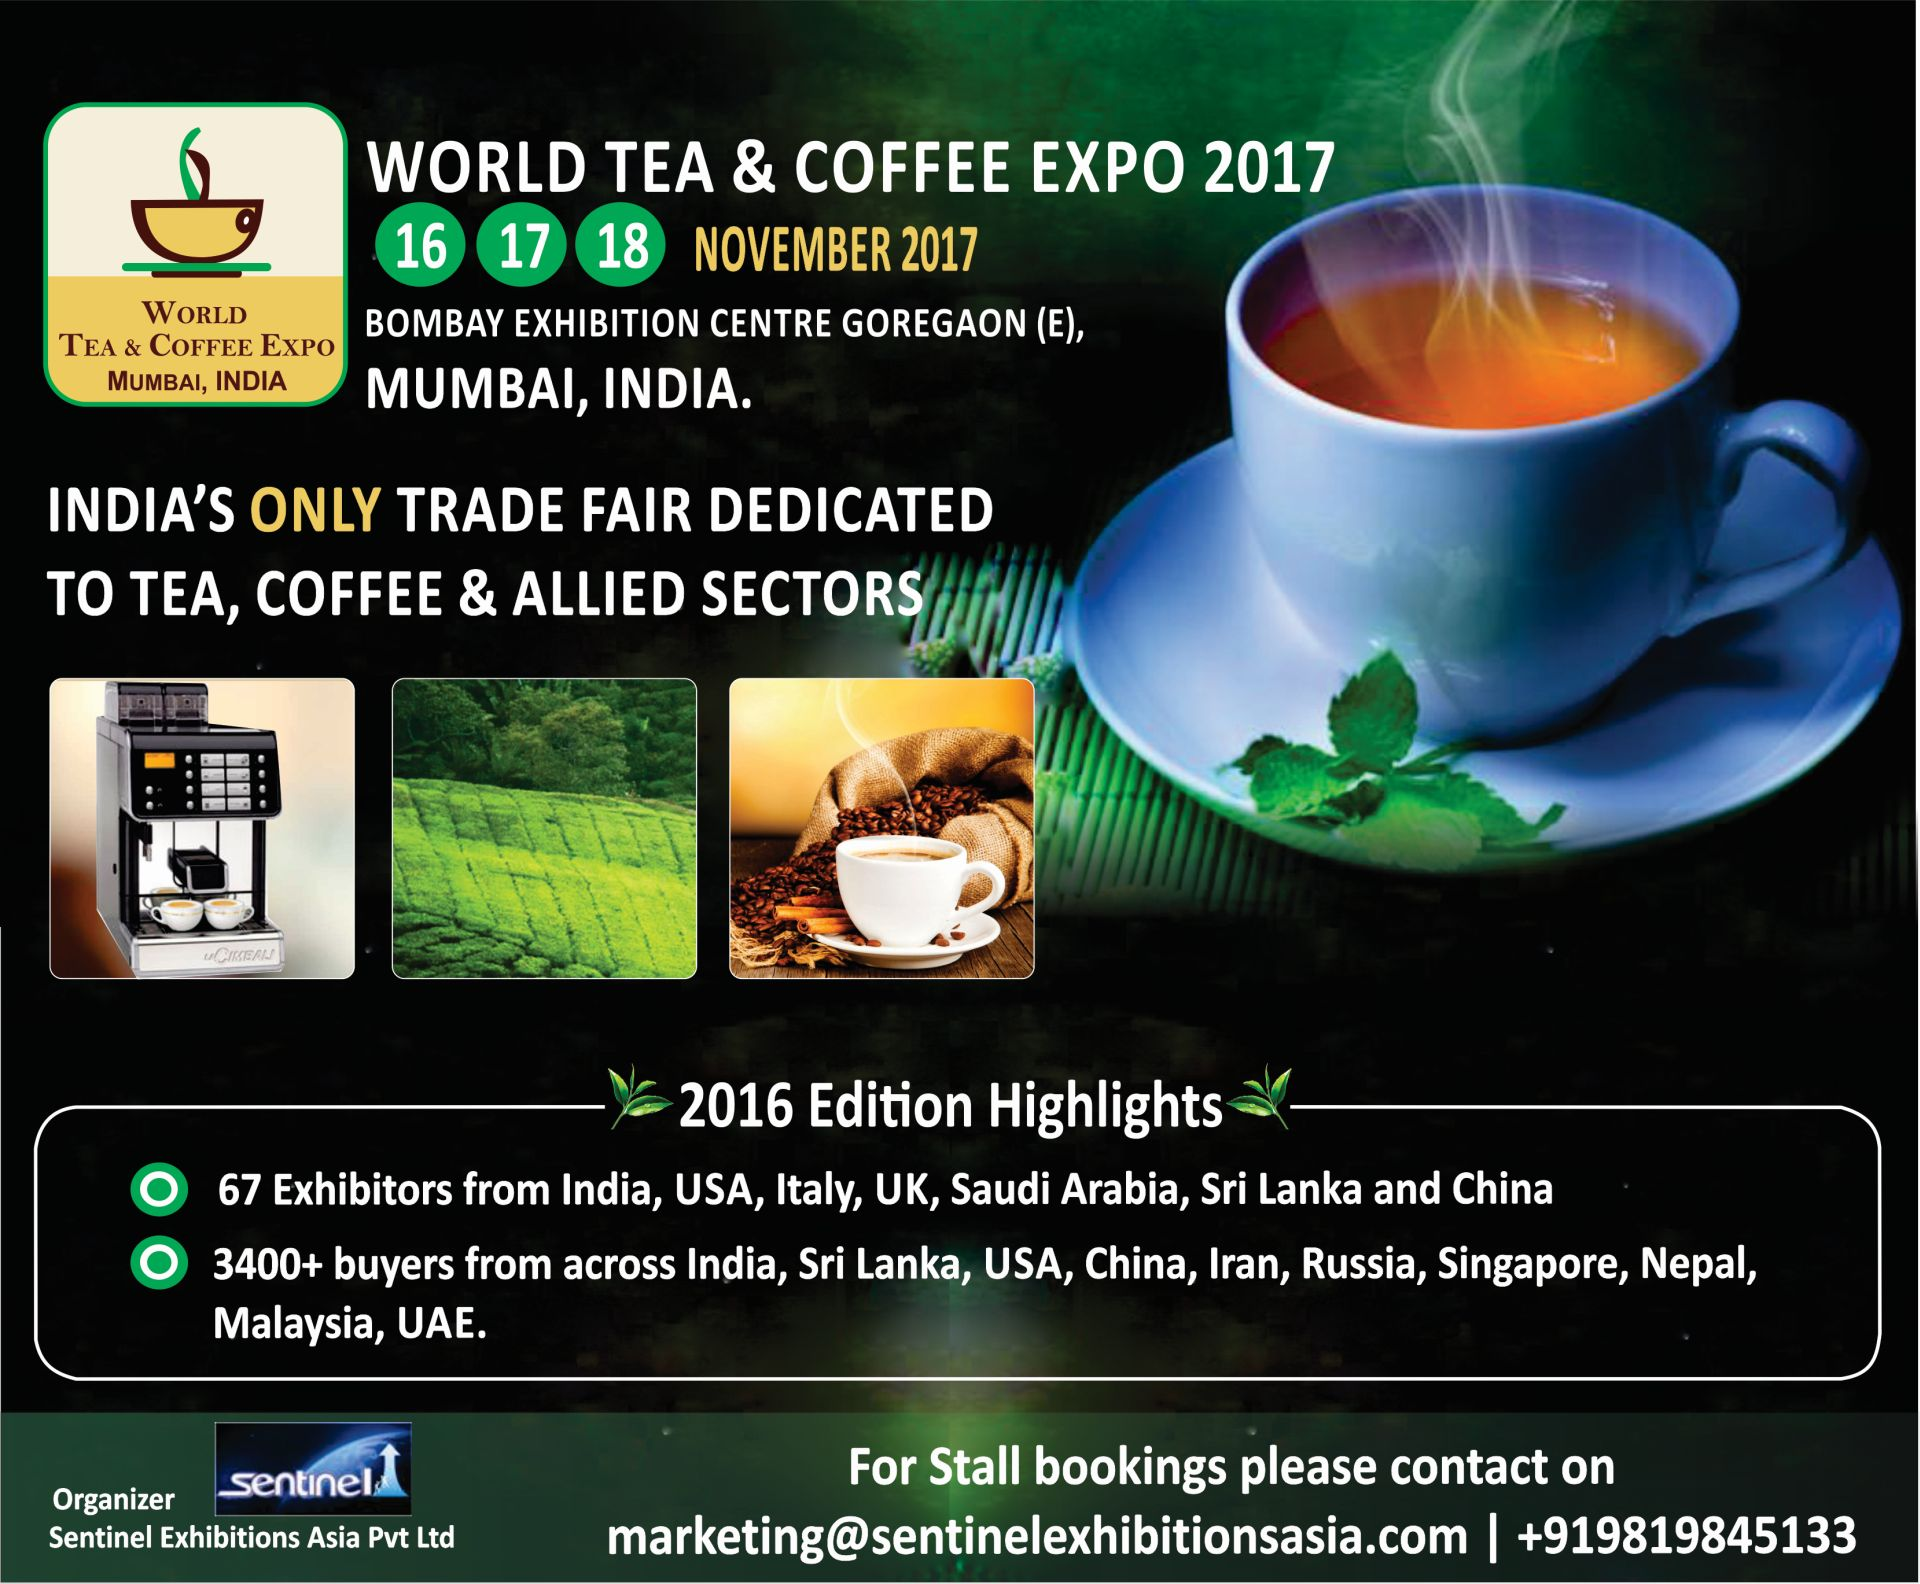 5th World Tea & Coffee Expo Mumbai India, Mumbai, Maharashtra, India